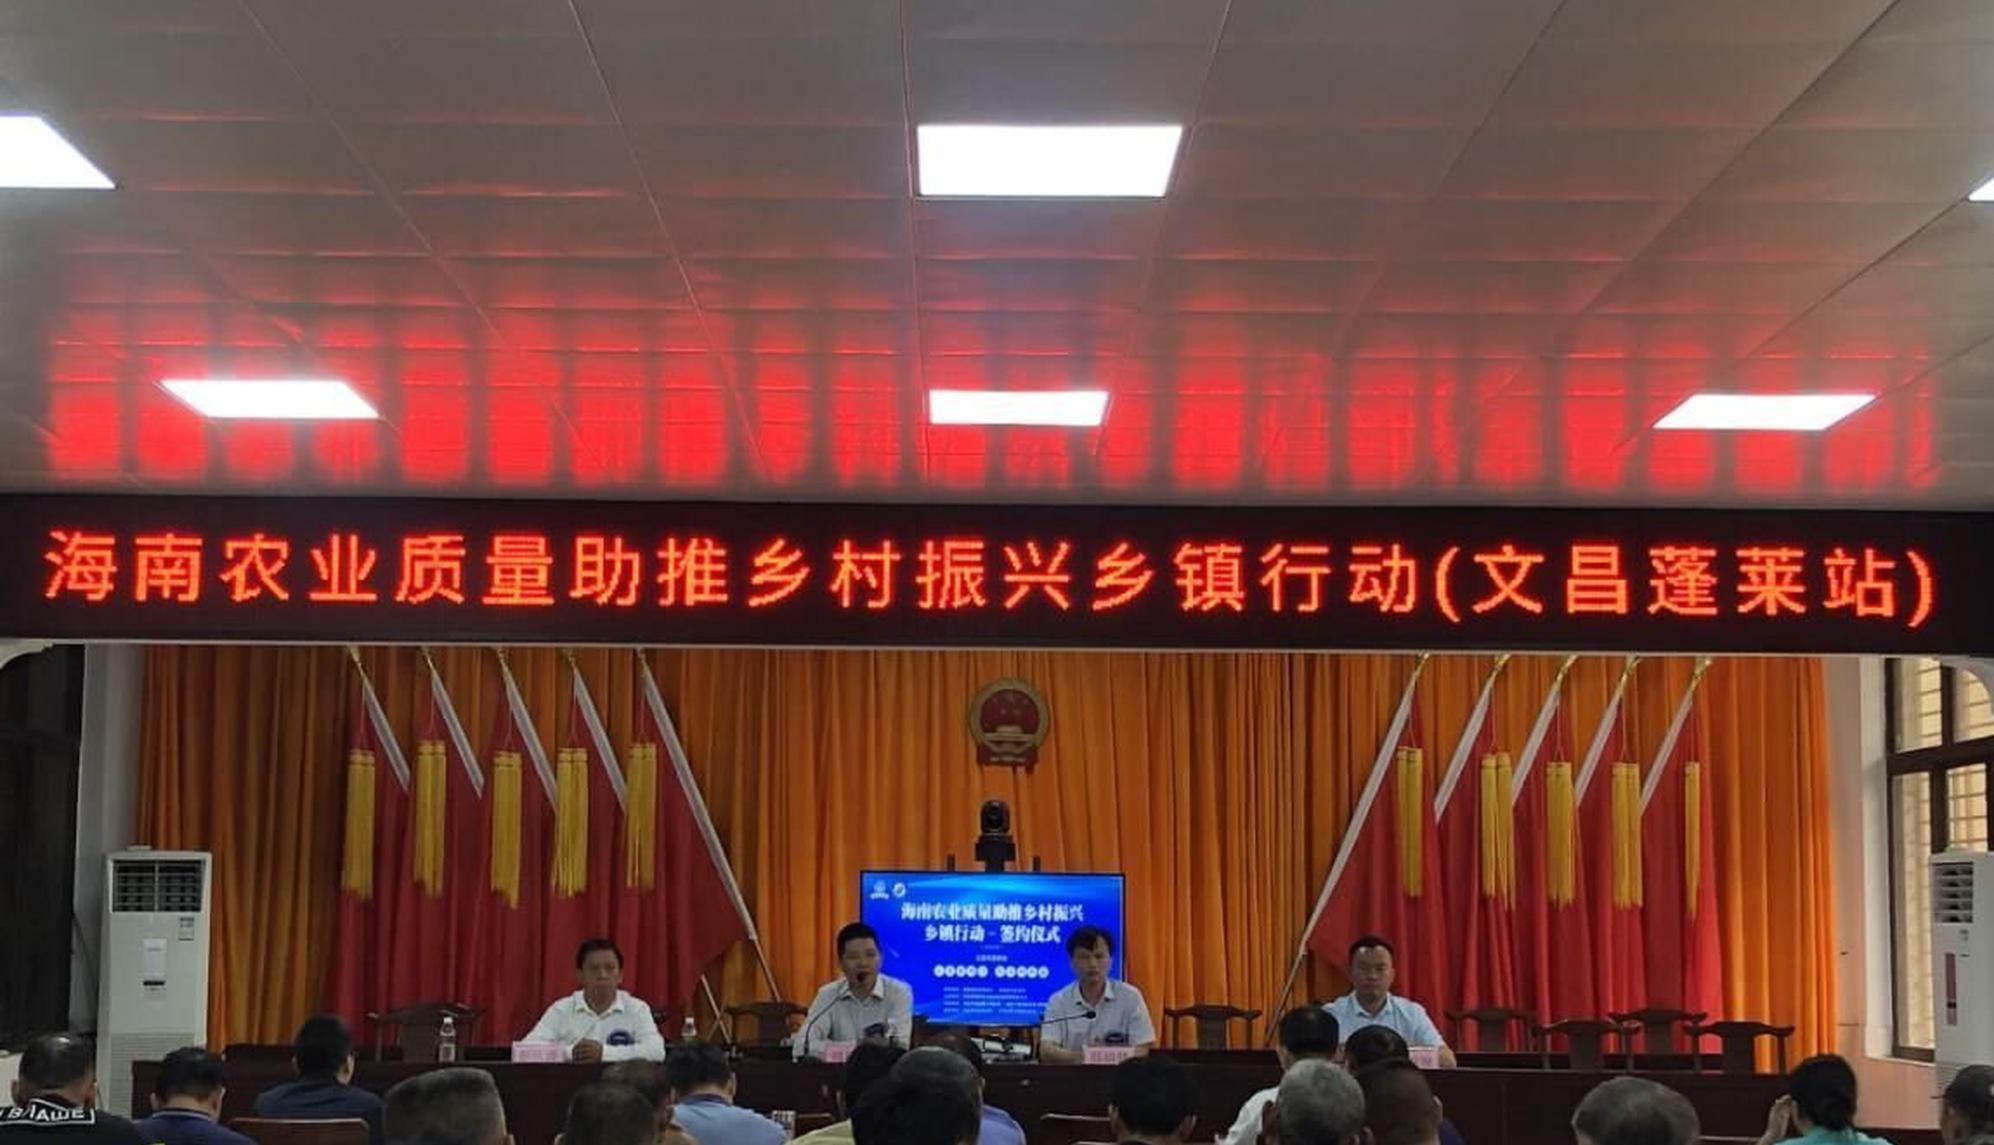 """""""海南农业质量助推乡村振兴乡镇行动""""在文昌成功举办"""